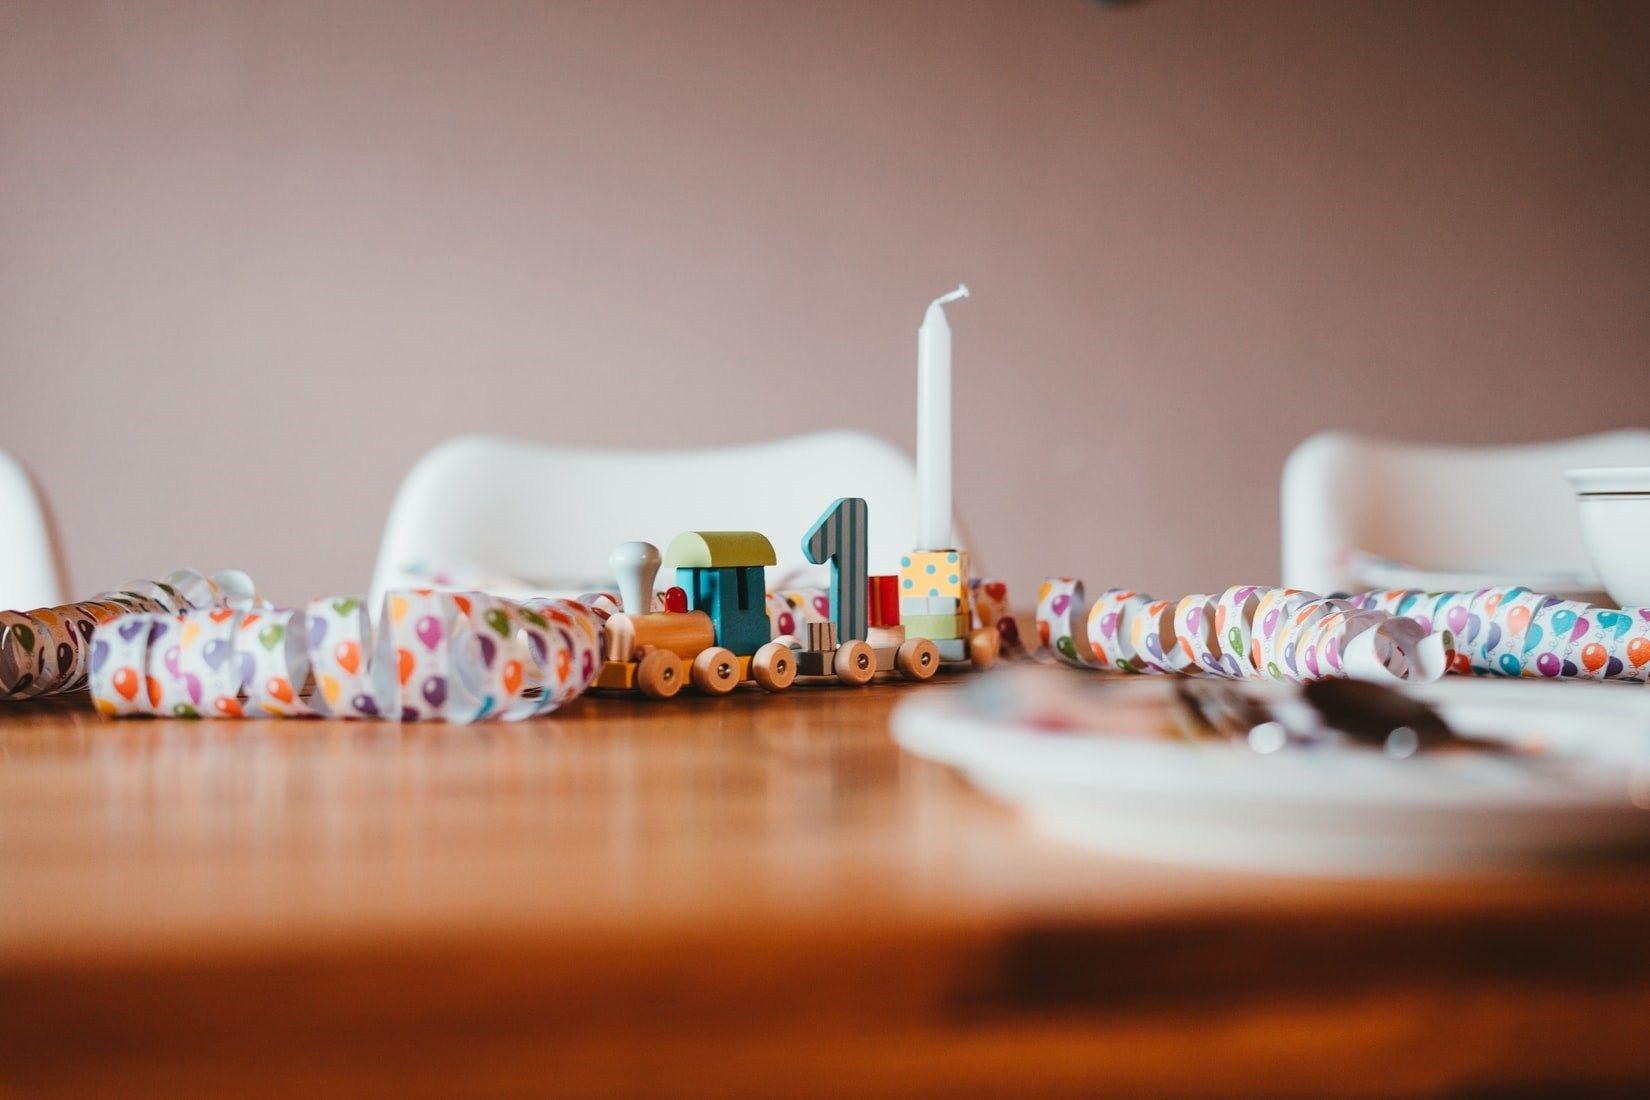 تزيين طاولة عيد ميلاد اطفال بأفكار وحيل منزلية بسيطة ألوانز Laughing Images Unsplash Photo